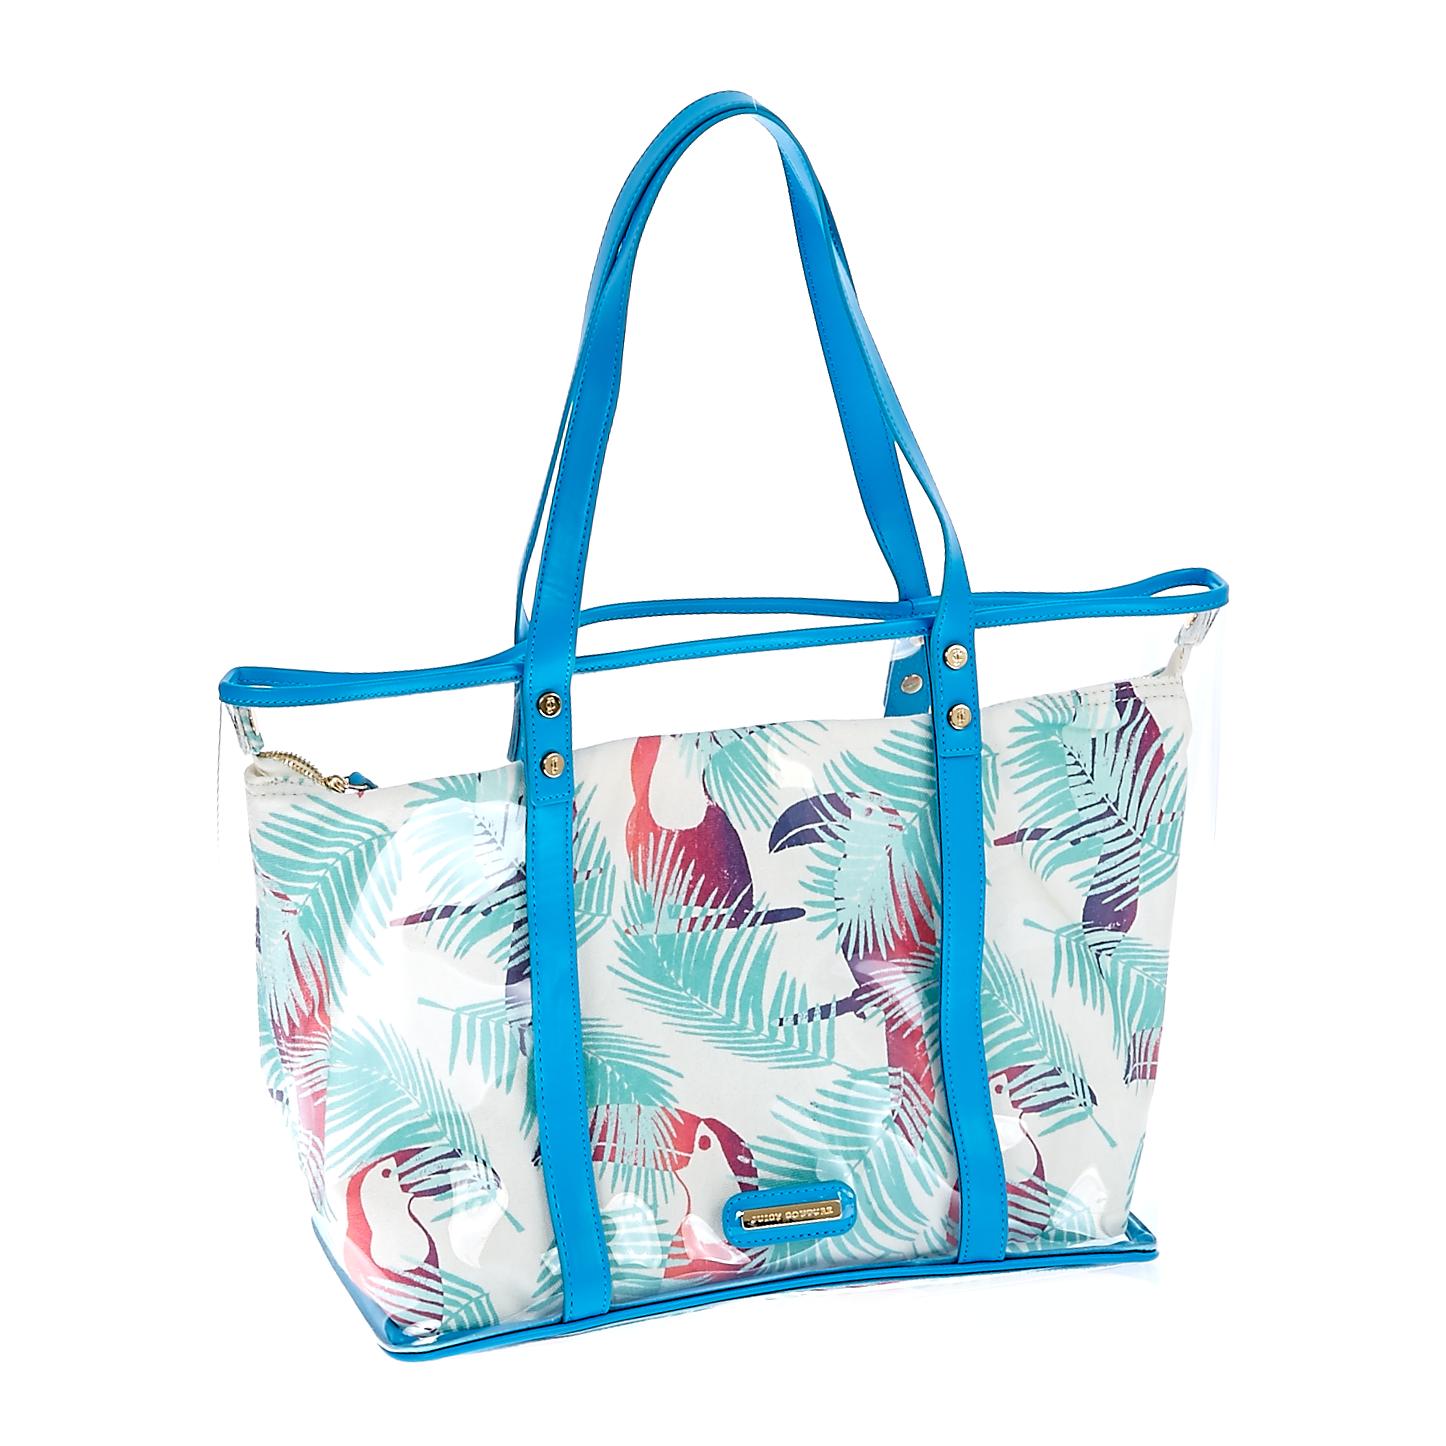 JUICY COUTURE - Γυναικεία τσάντα Juicy Couture μπλε-λευκή γυναικεία αξεσουάρ τσάντες σακίδια χειρός